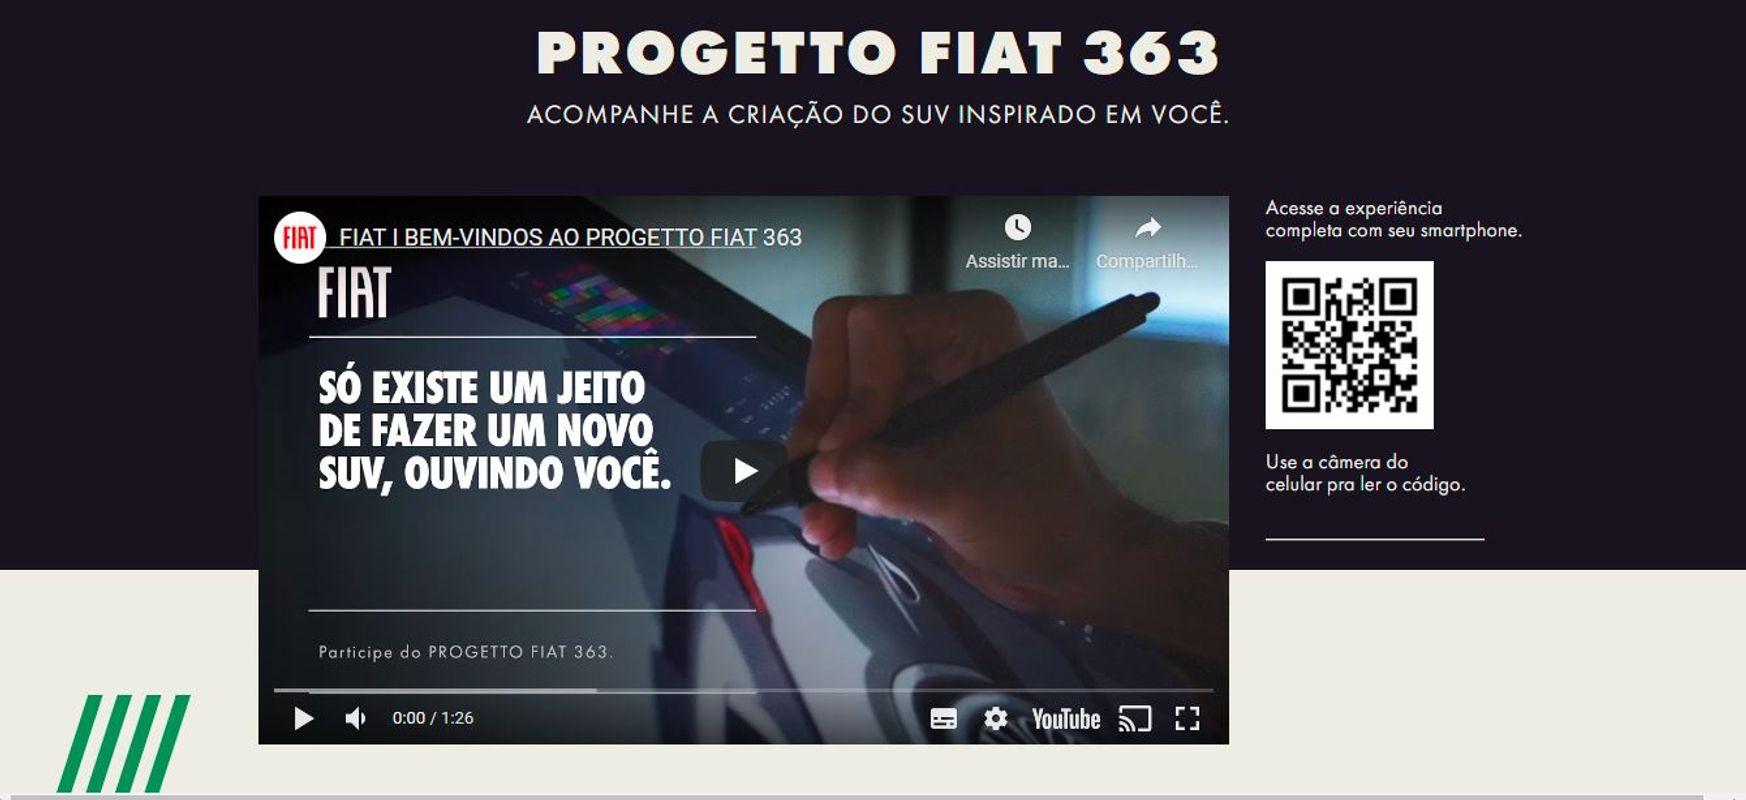 Começa a promoção do novo SUV da Fiat